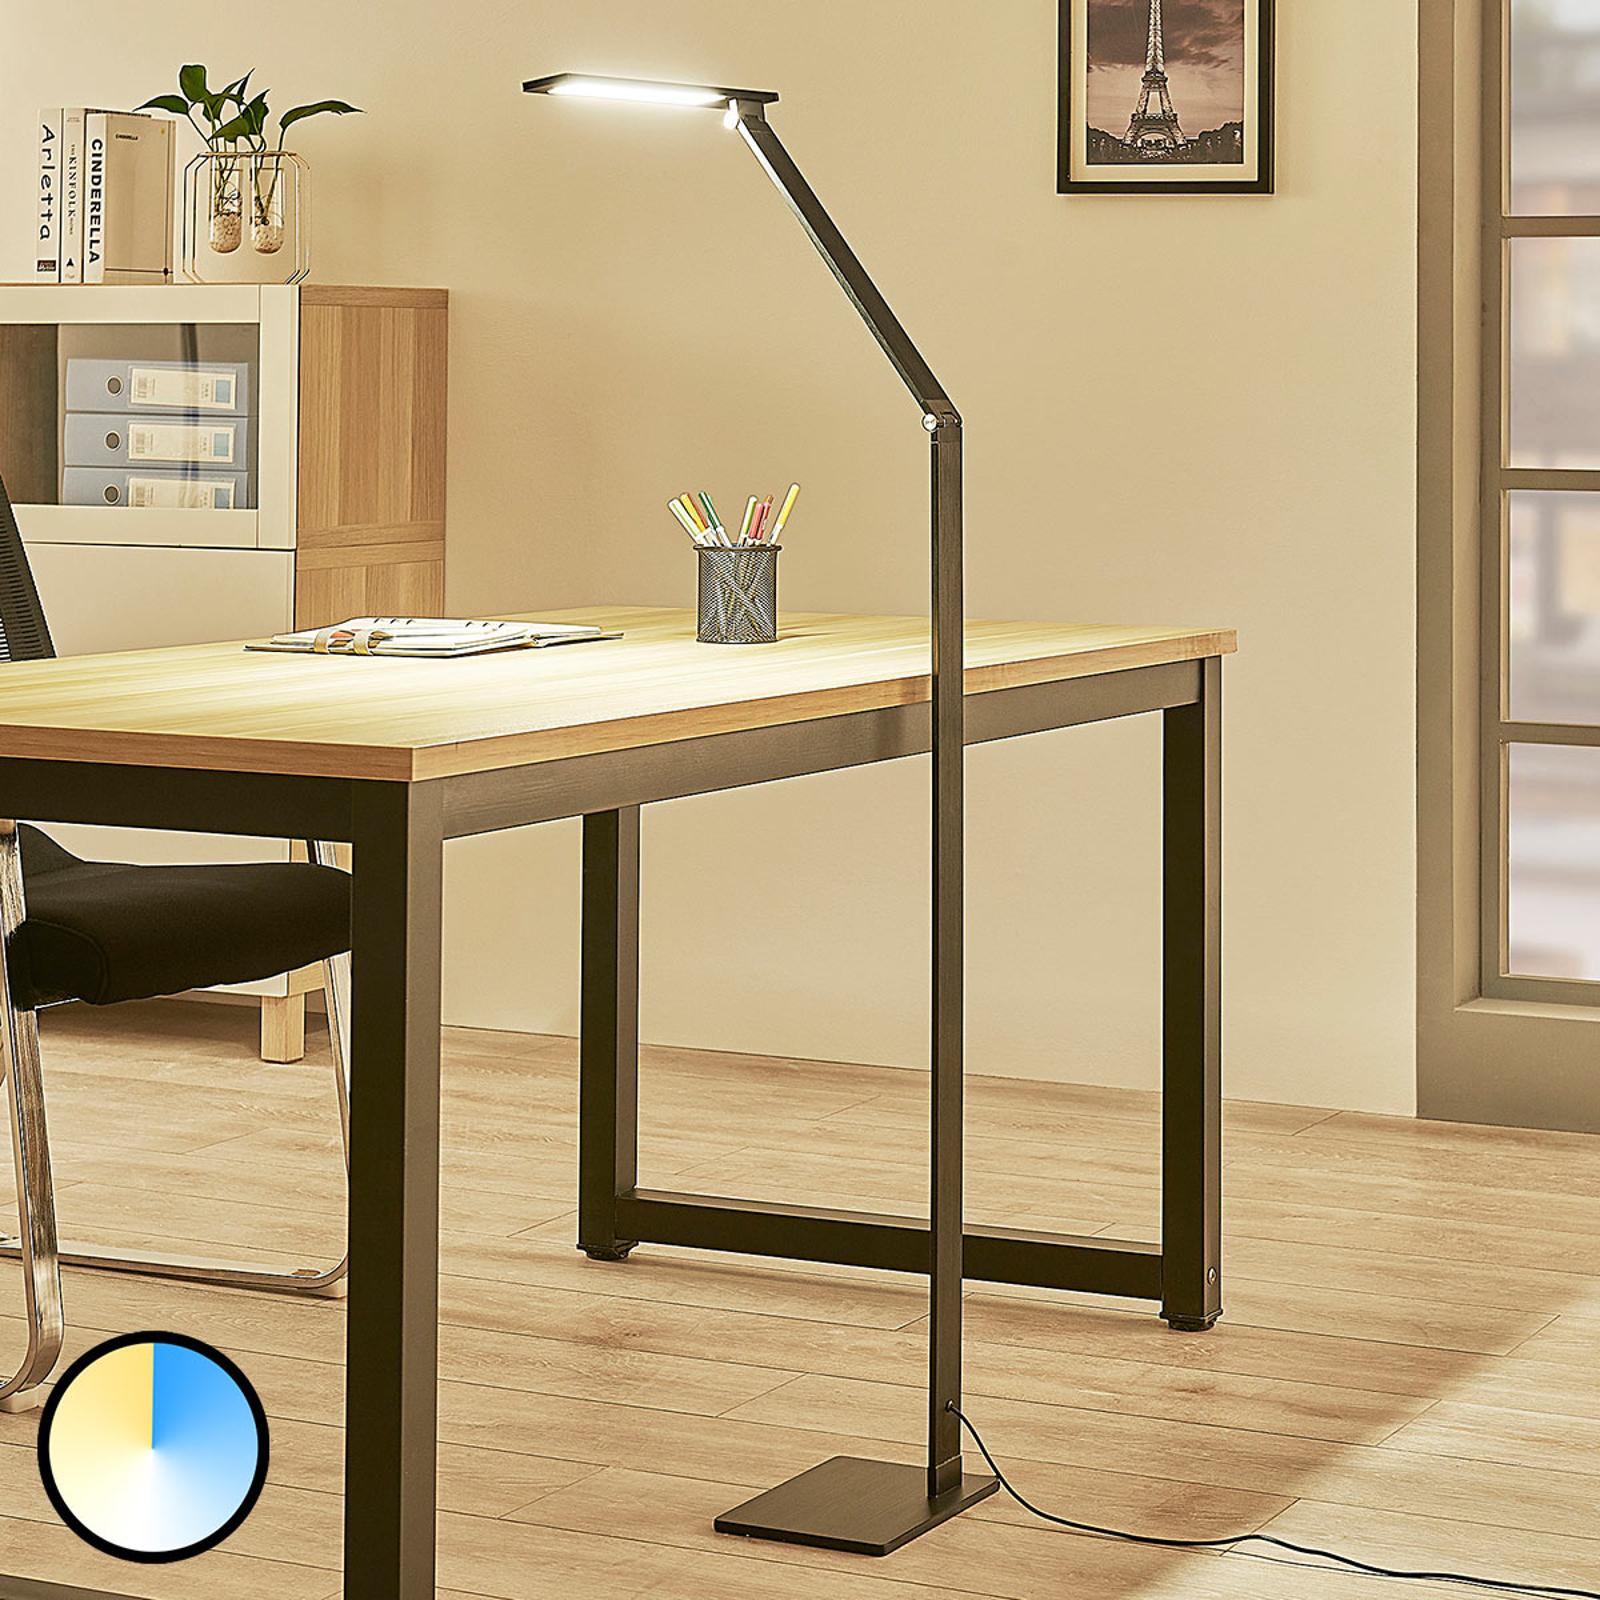 Dimbar LED-gulvlampe Salome, variabel lysfarge